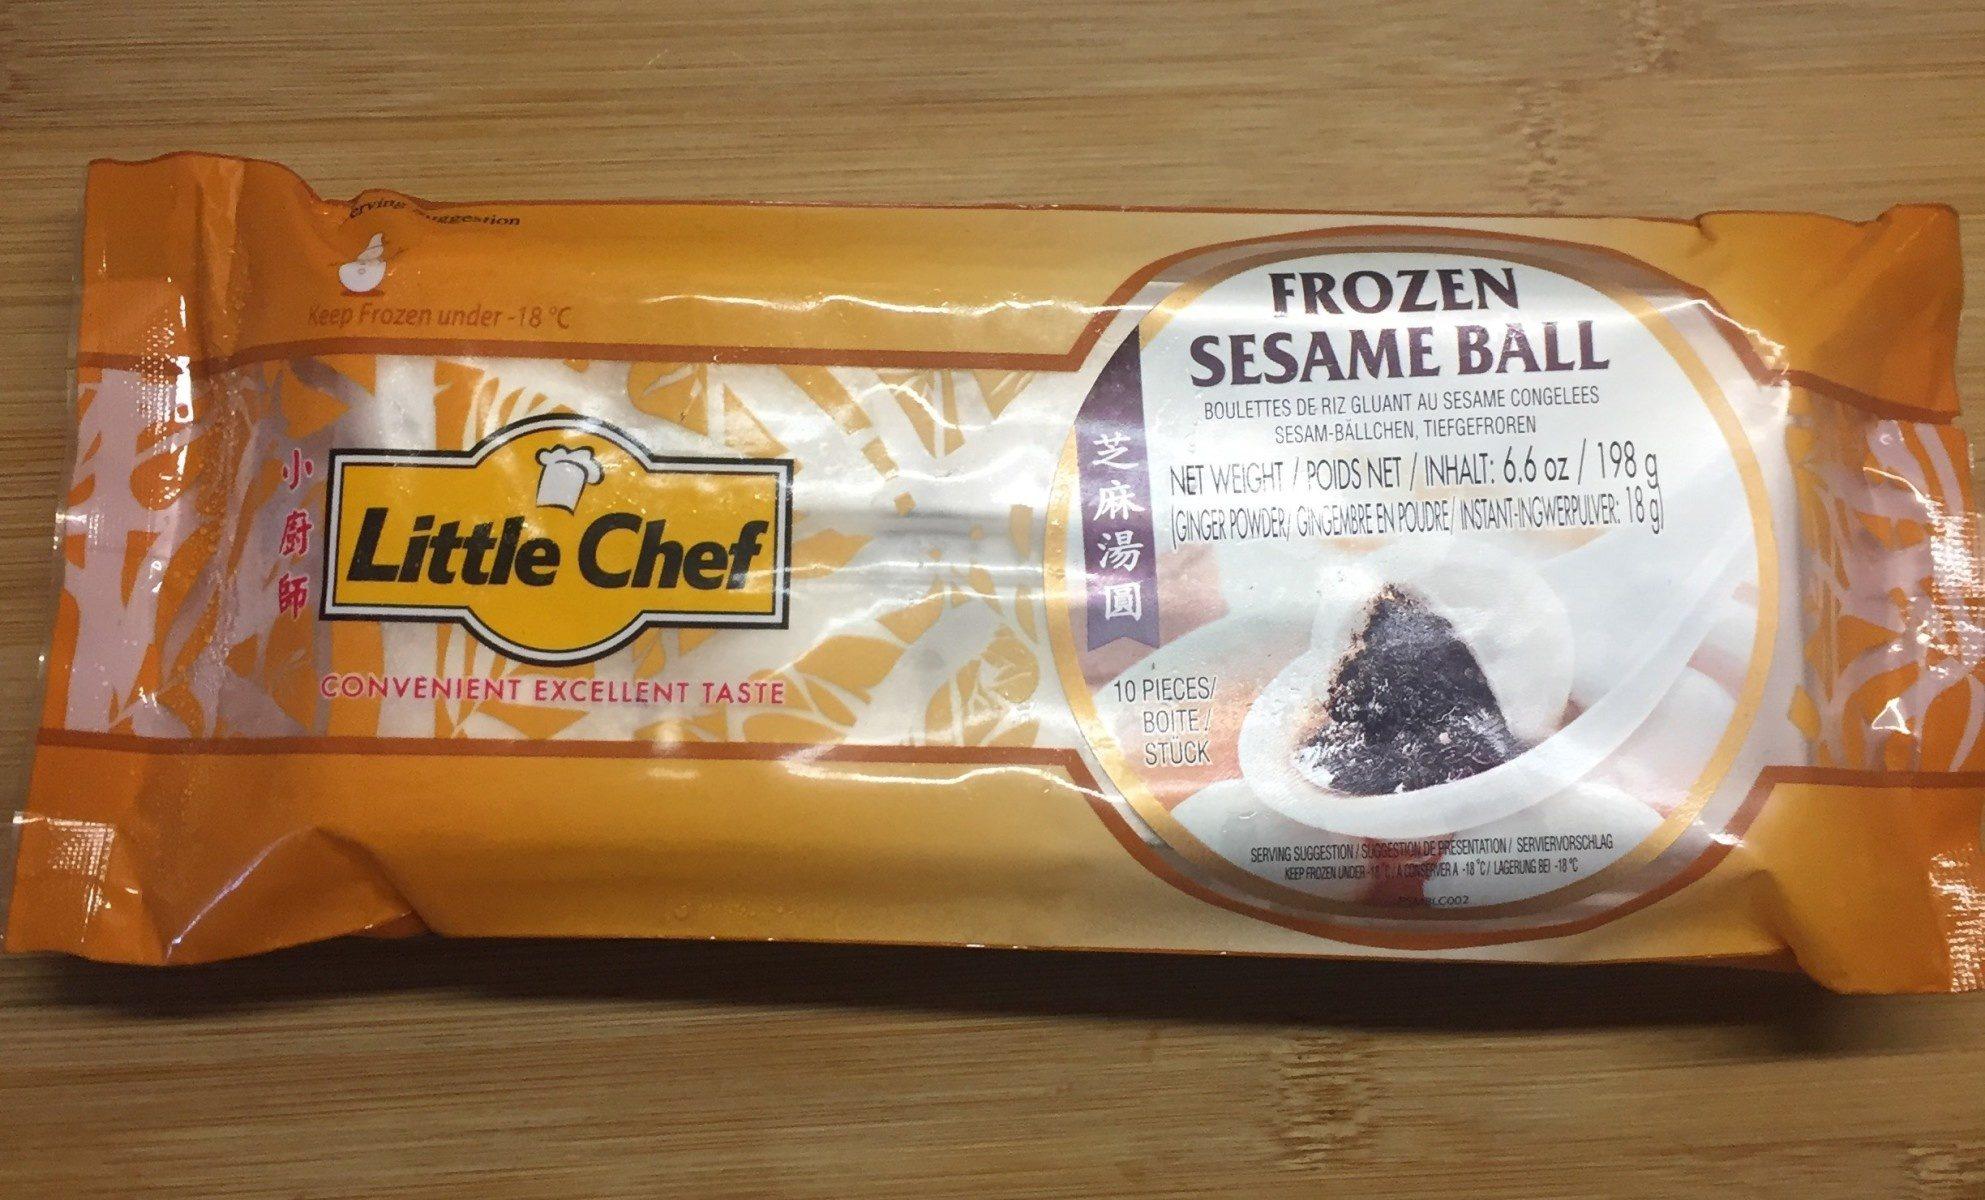 Boulettes de riz gluant au sésame congelées - Product